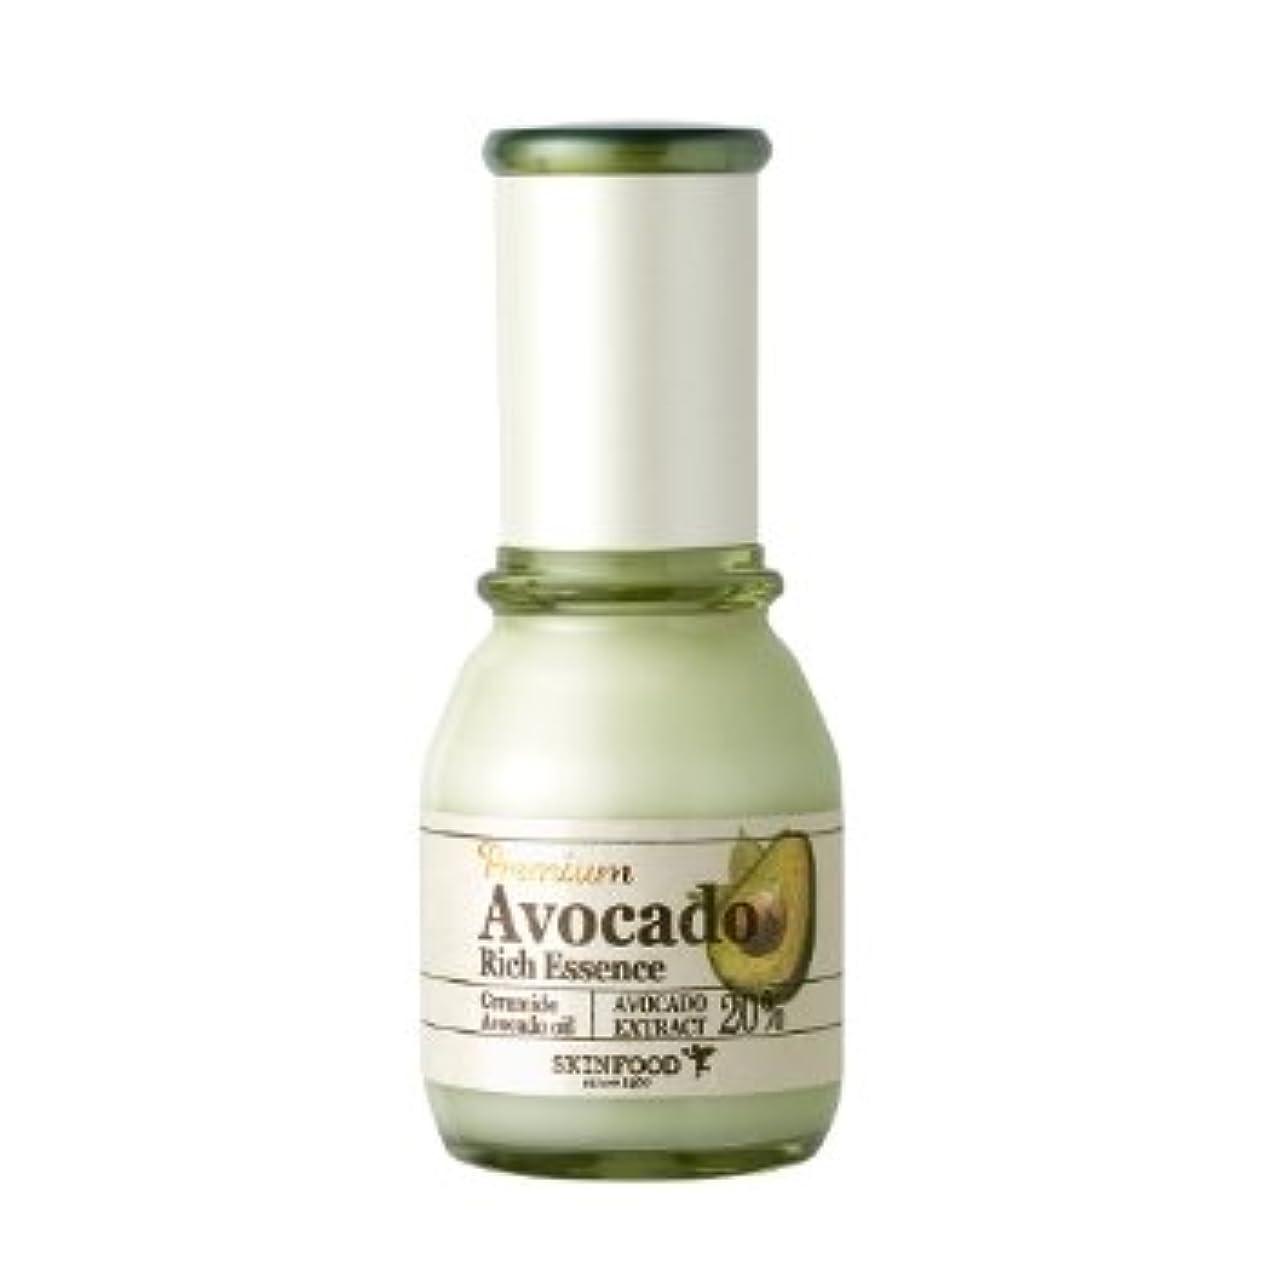 アパート欠陥タイピストスキンフード [Skin Food] プレミアム アボカド リーチ エッセンス 50ml / Premium Avocado Rich Essence 海外直送品